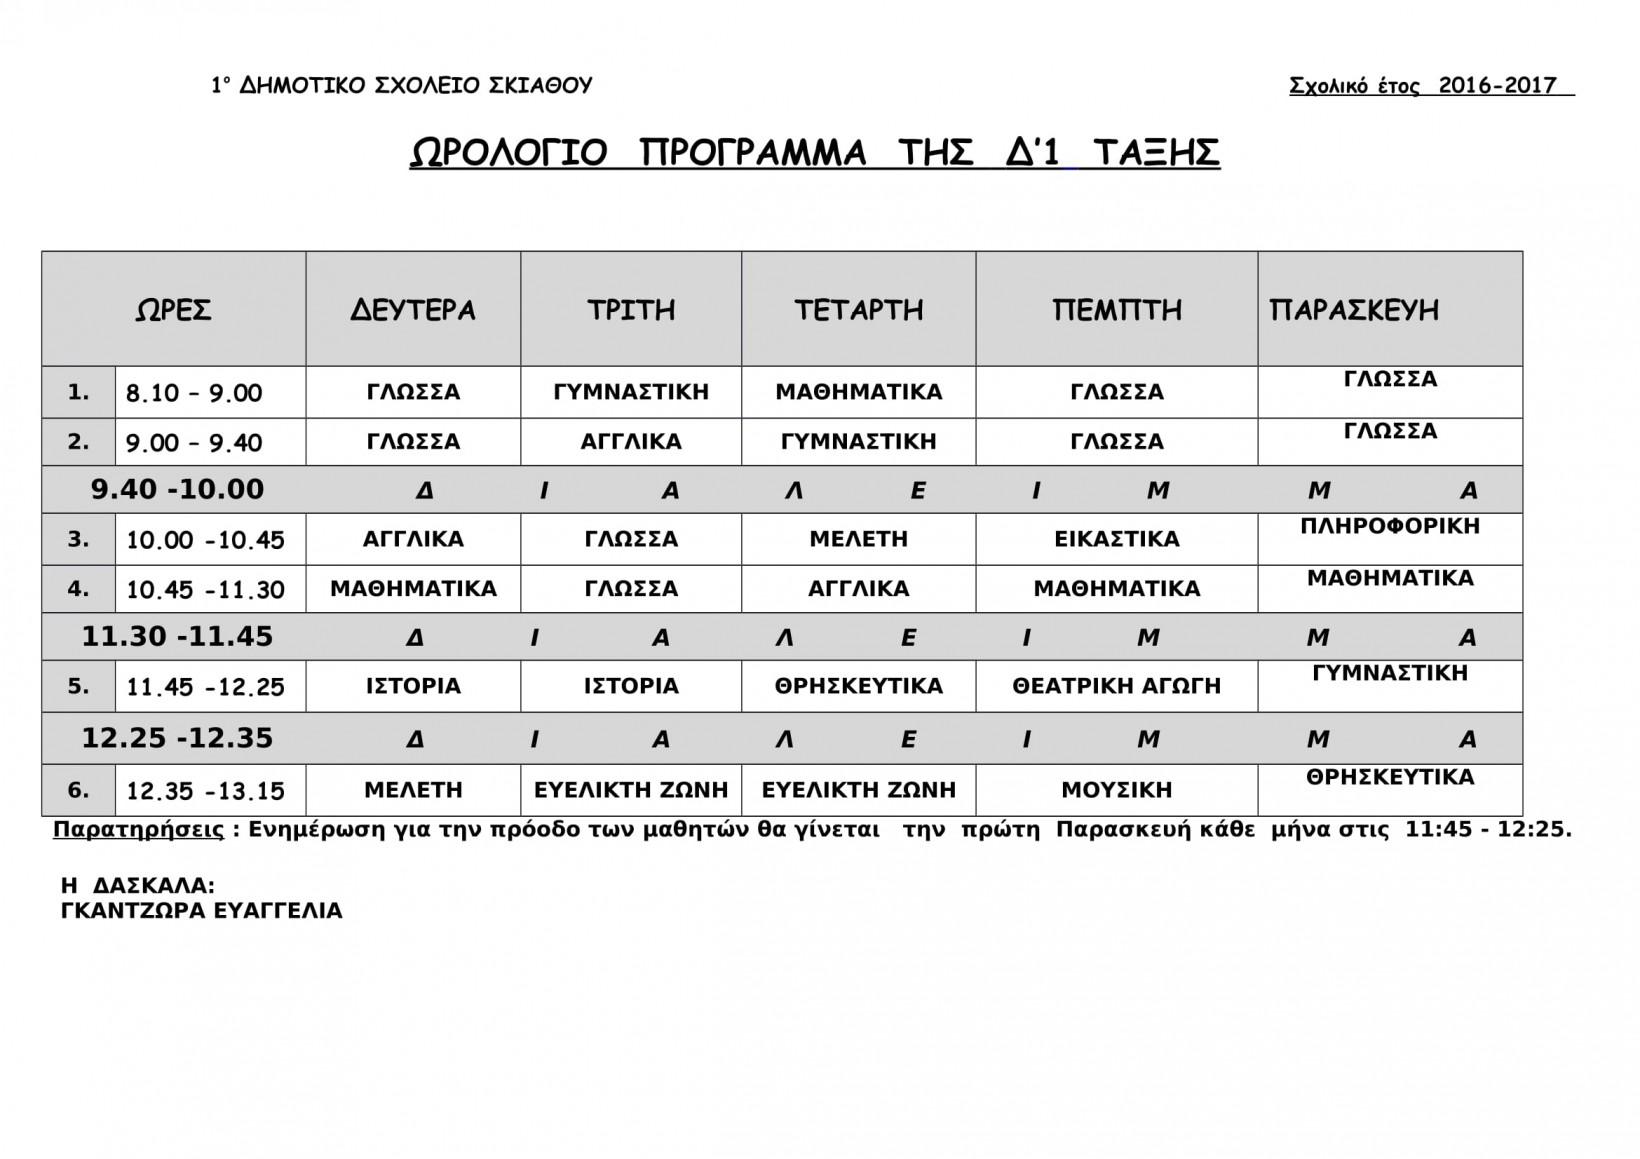 ΠΡΟΓΡΑΜΜΑ-Δ1 (1)-1